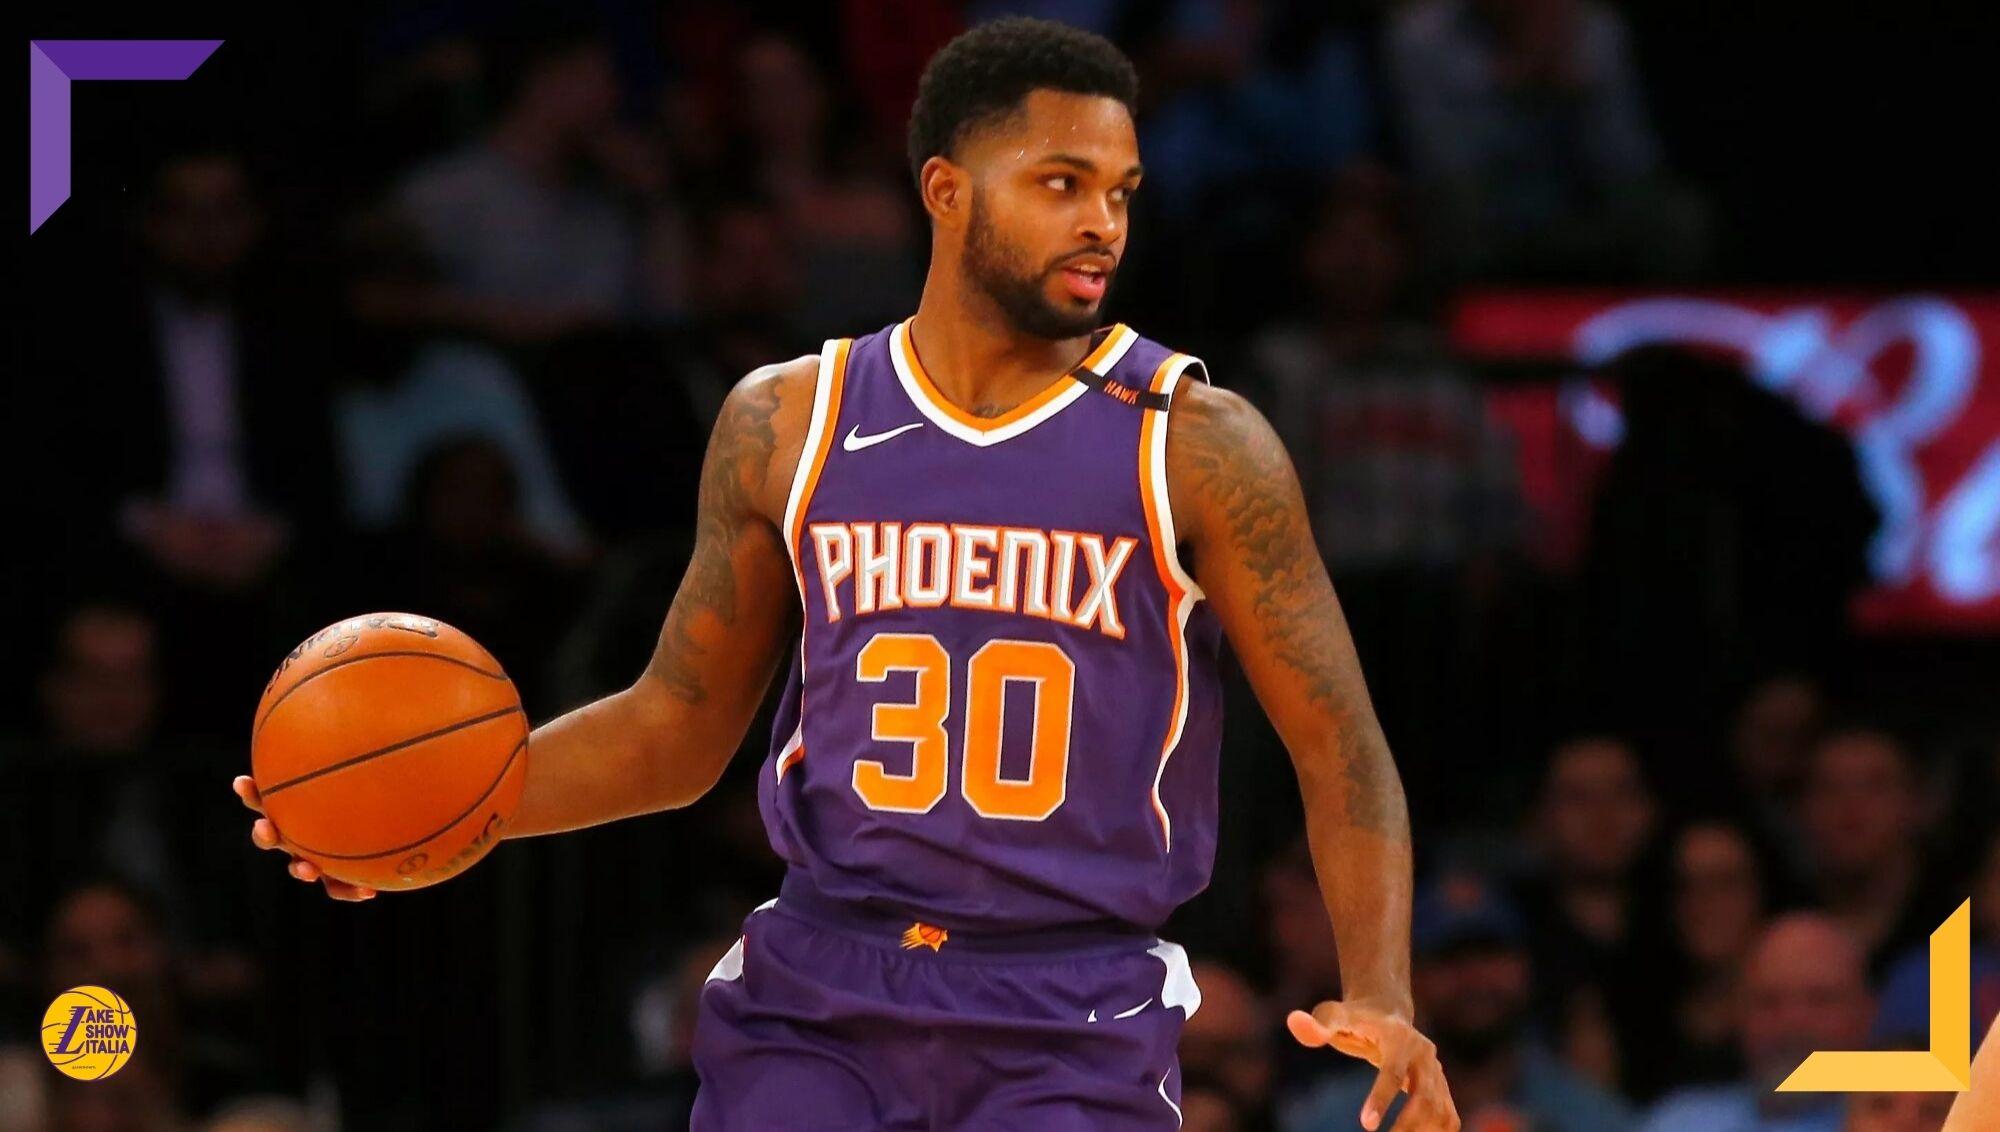 Prima colpo per i Los Angeles Lakers, che firmano Troy Daniels. In sei stagioni in NBA, l'ex Phoenix Suns ha tirato con il 40% da tre.